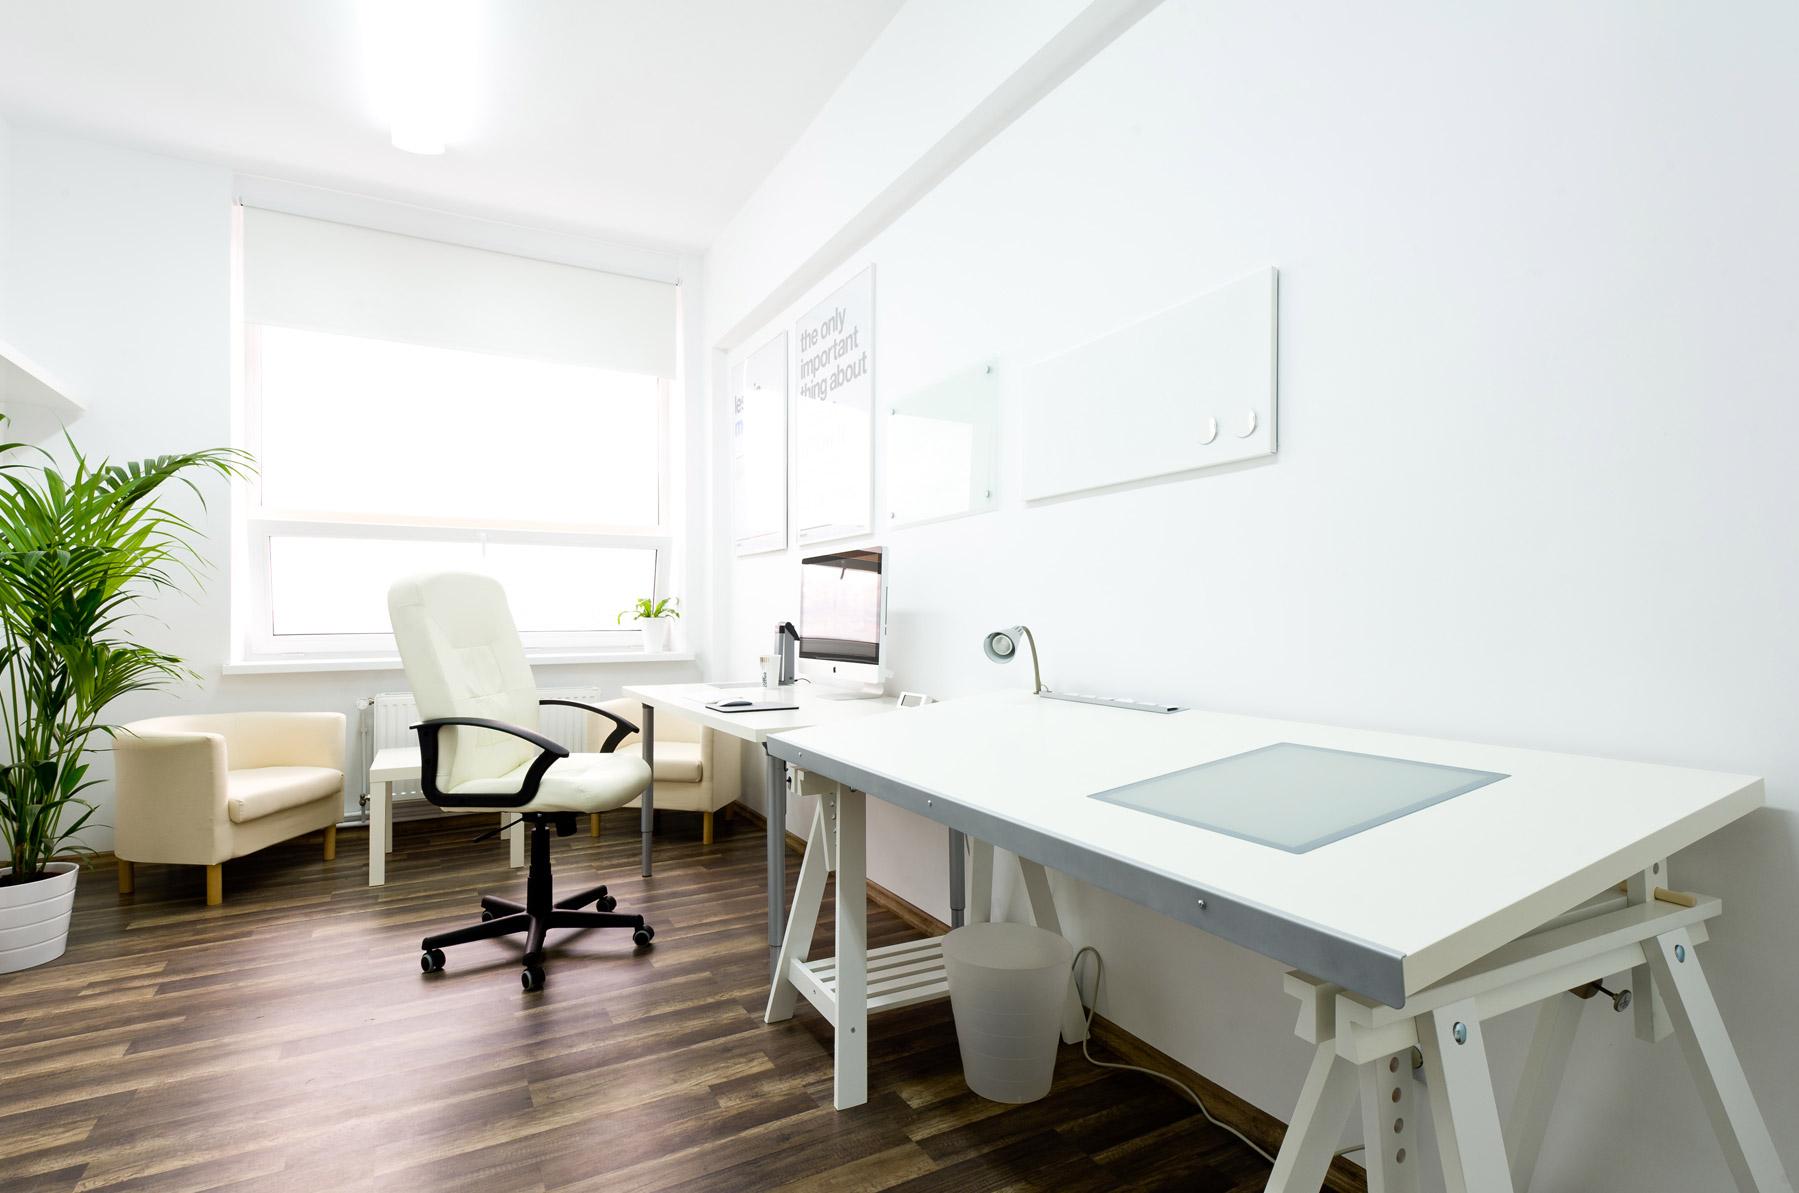 Projektowanie stron, biuro - Inspect, Bydgoszcz